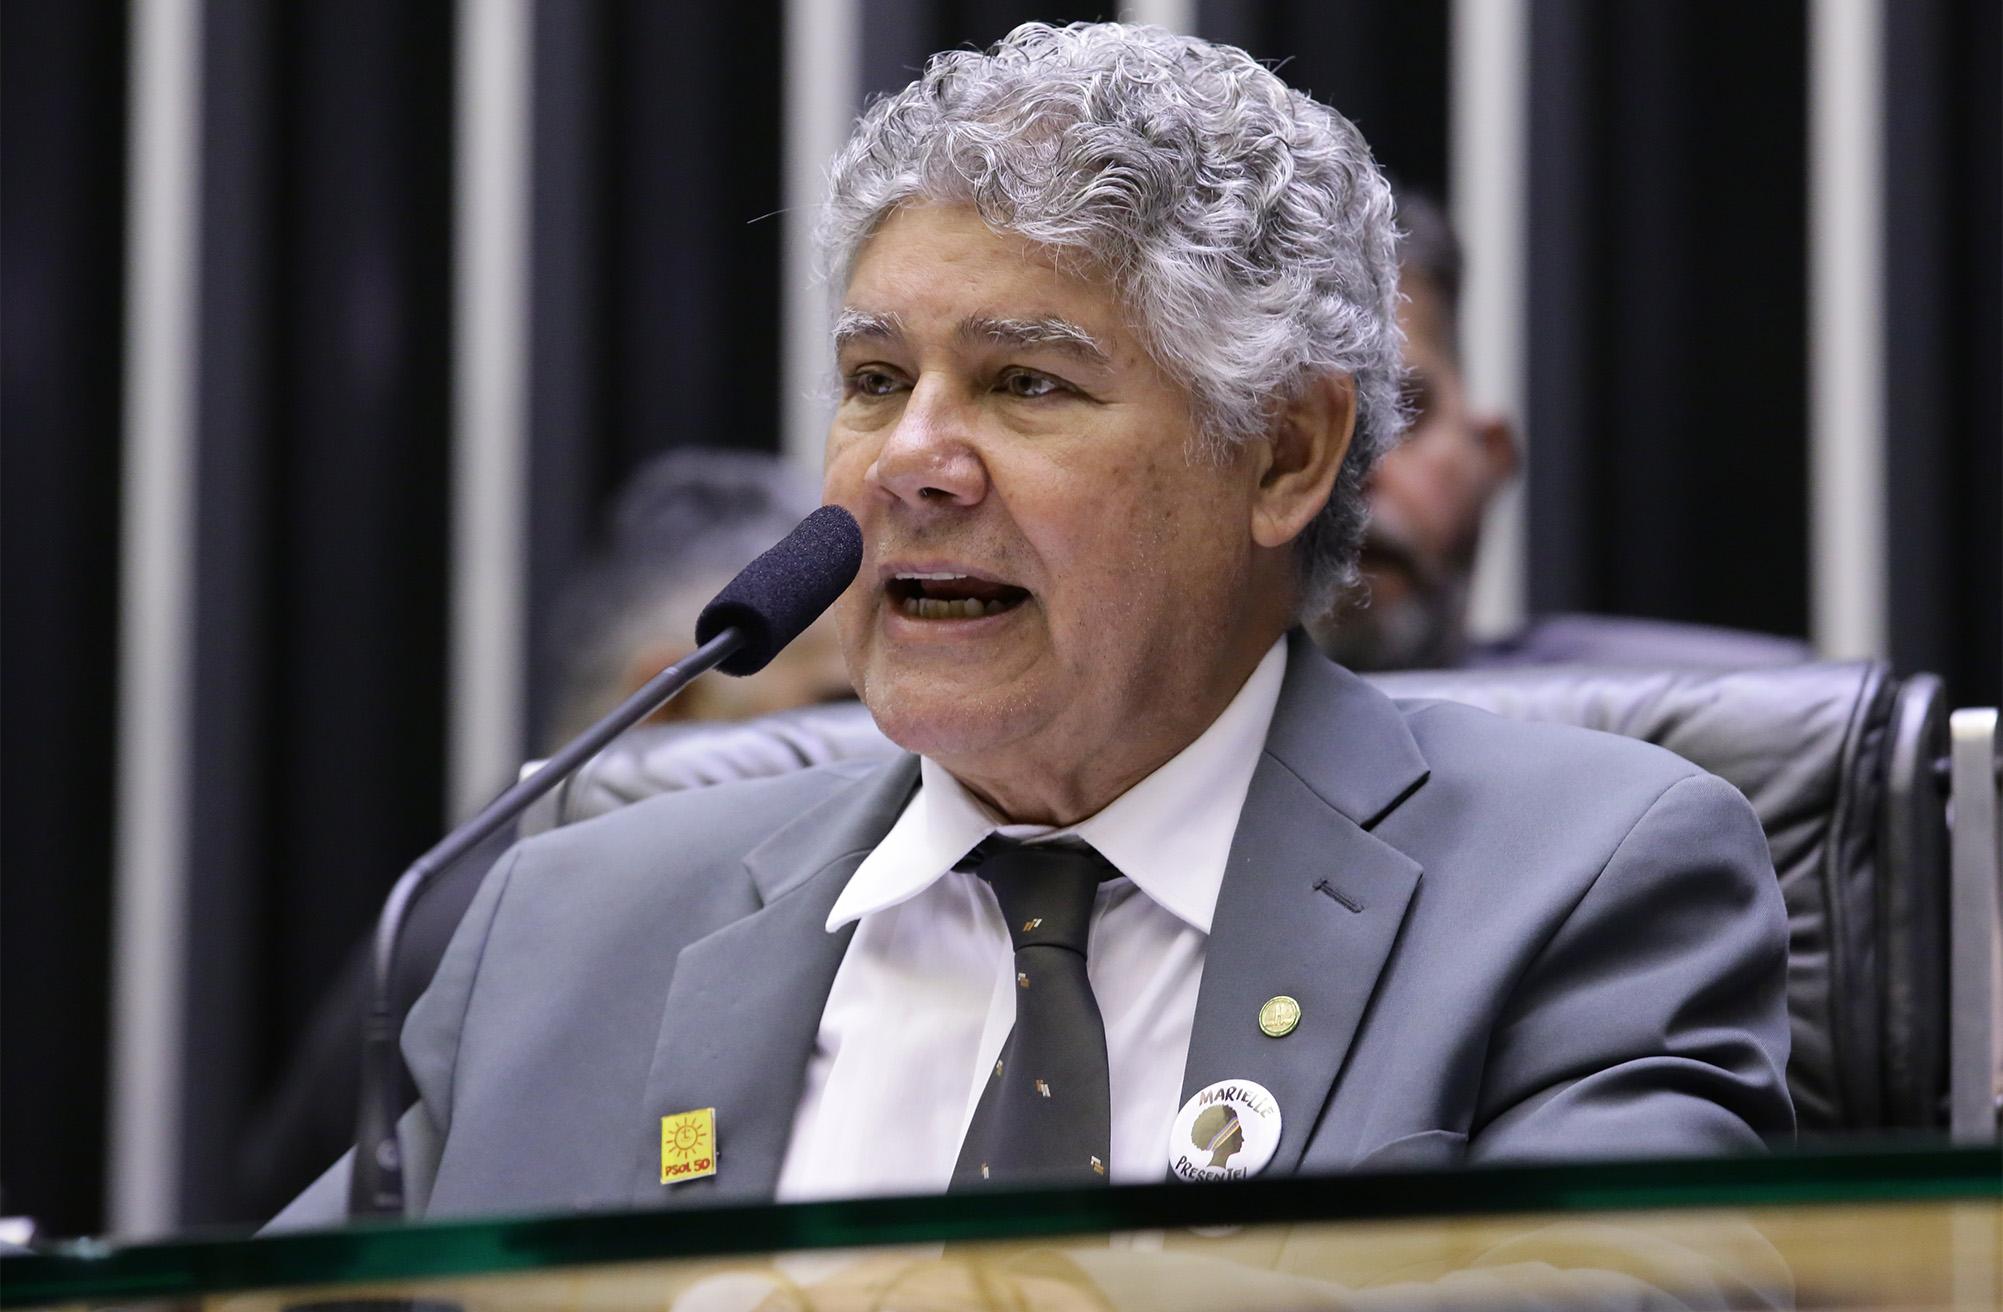 Relembrar os Cinquenta Anos do AI-5 e em Homenagem ao Ex-Vice-Presidente Pedro Aleixo. Dep. Chico Alencar (PSOL - RJ)